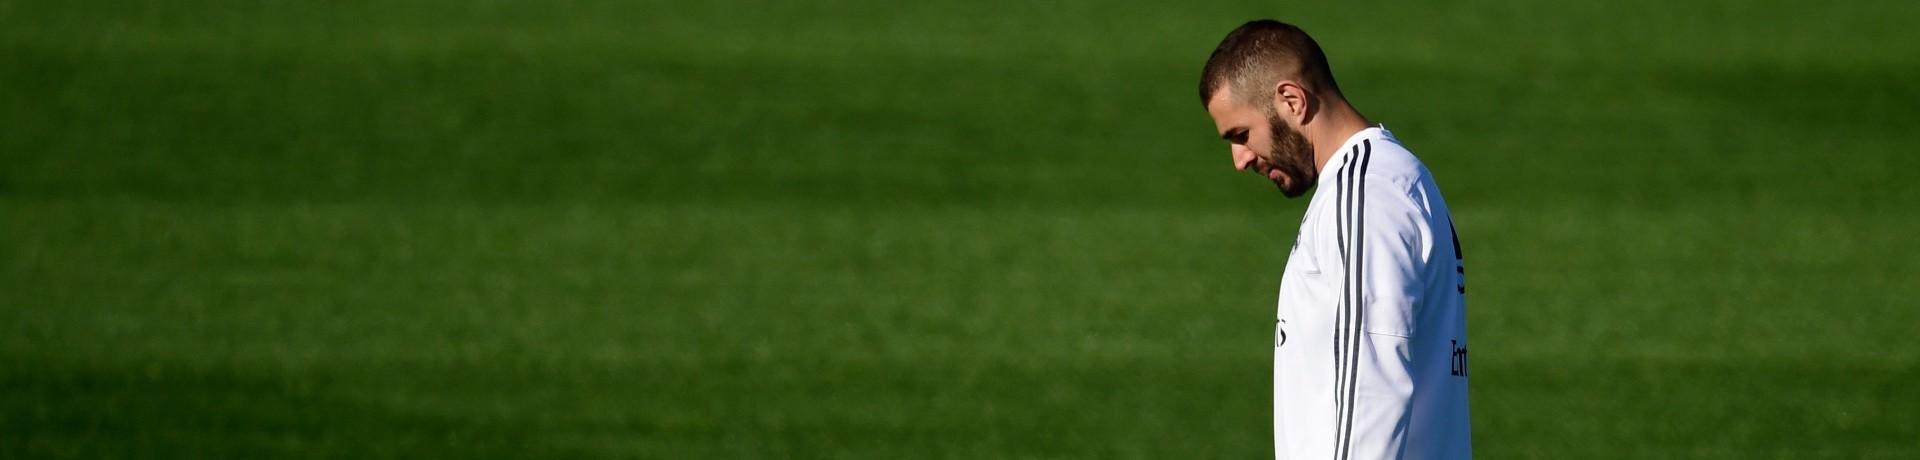 Karim Benzema en novembre 2015 à l'entraînement avec le Real Madrid